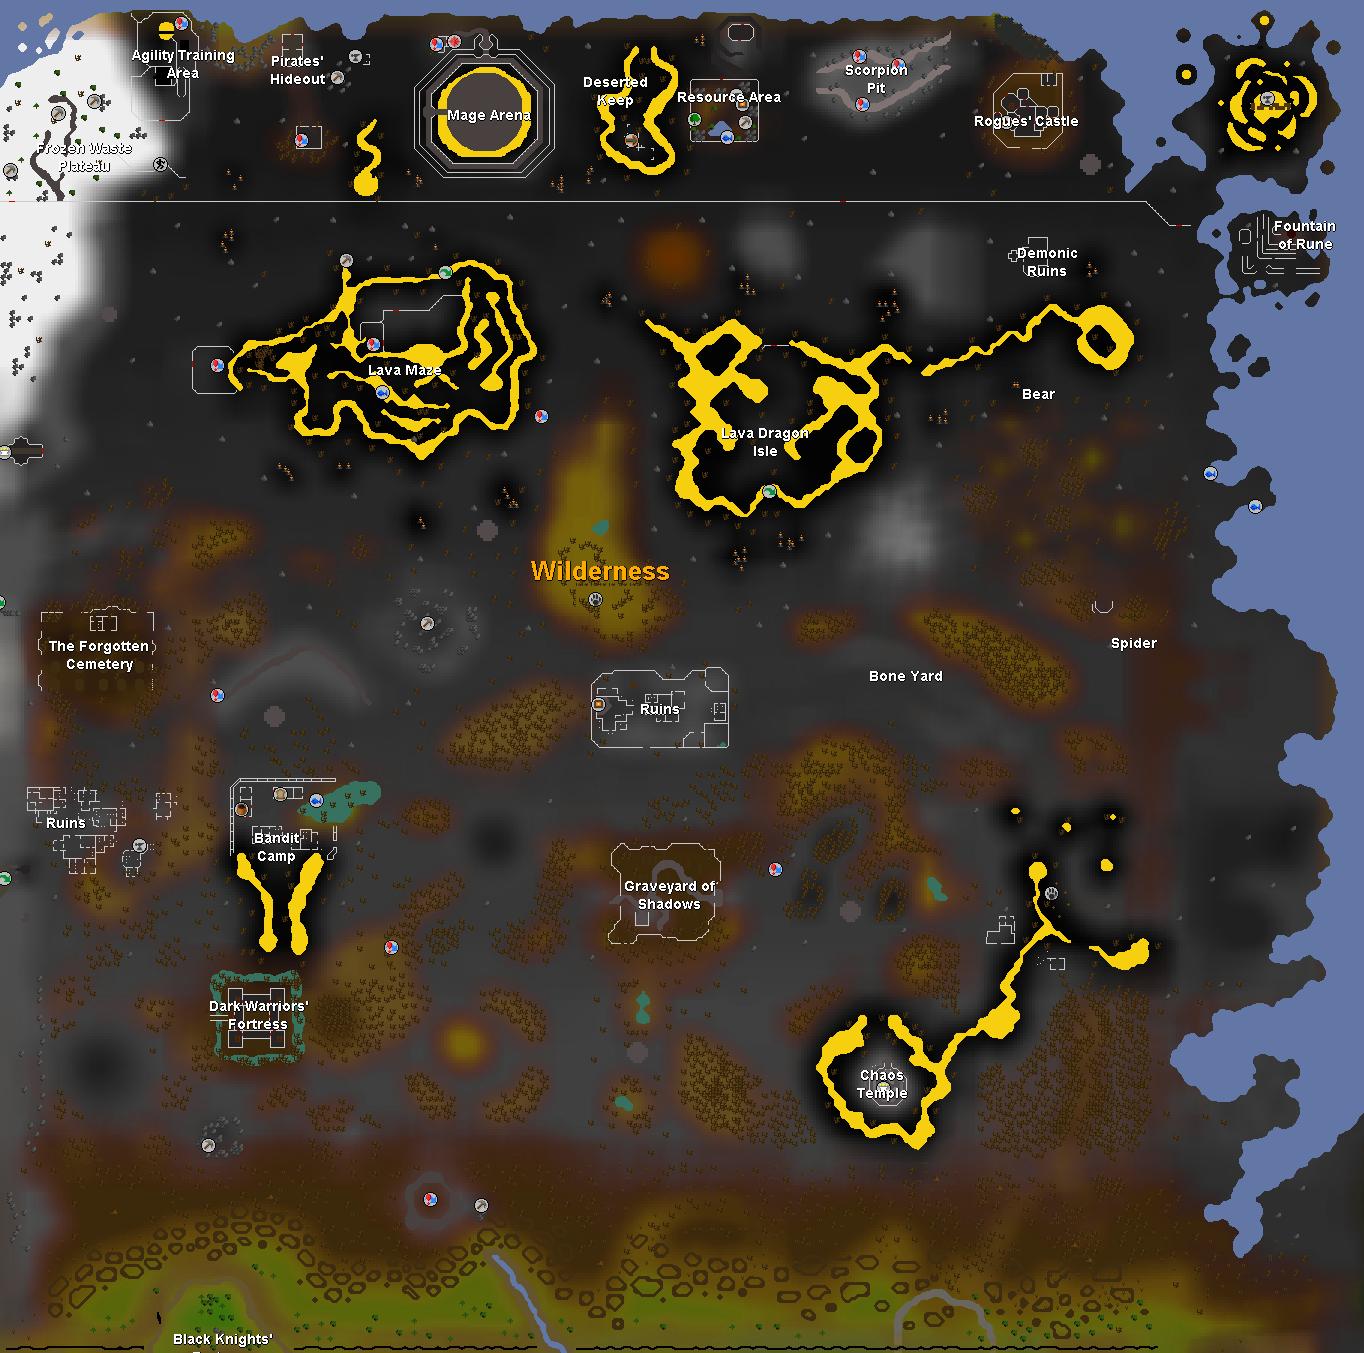 Mining runite ore | Old School RuneScape Wiki | FANDOM powered by Wikia